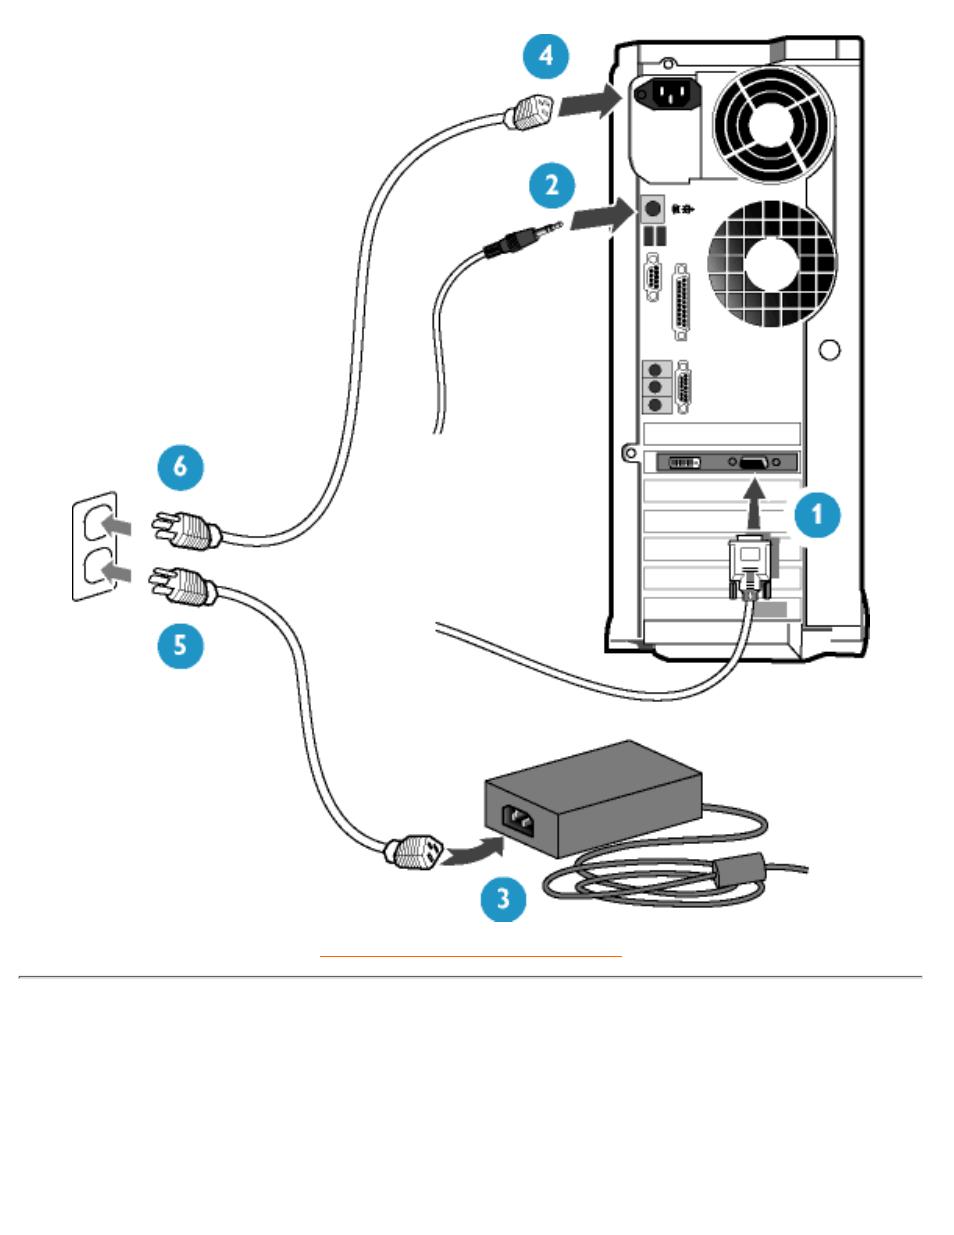 Conexión a un equipo dvd/vcd/vcr, Conectar a dvd/vcr/vcd a